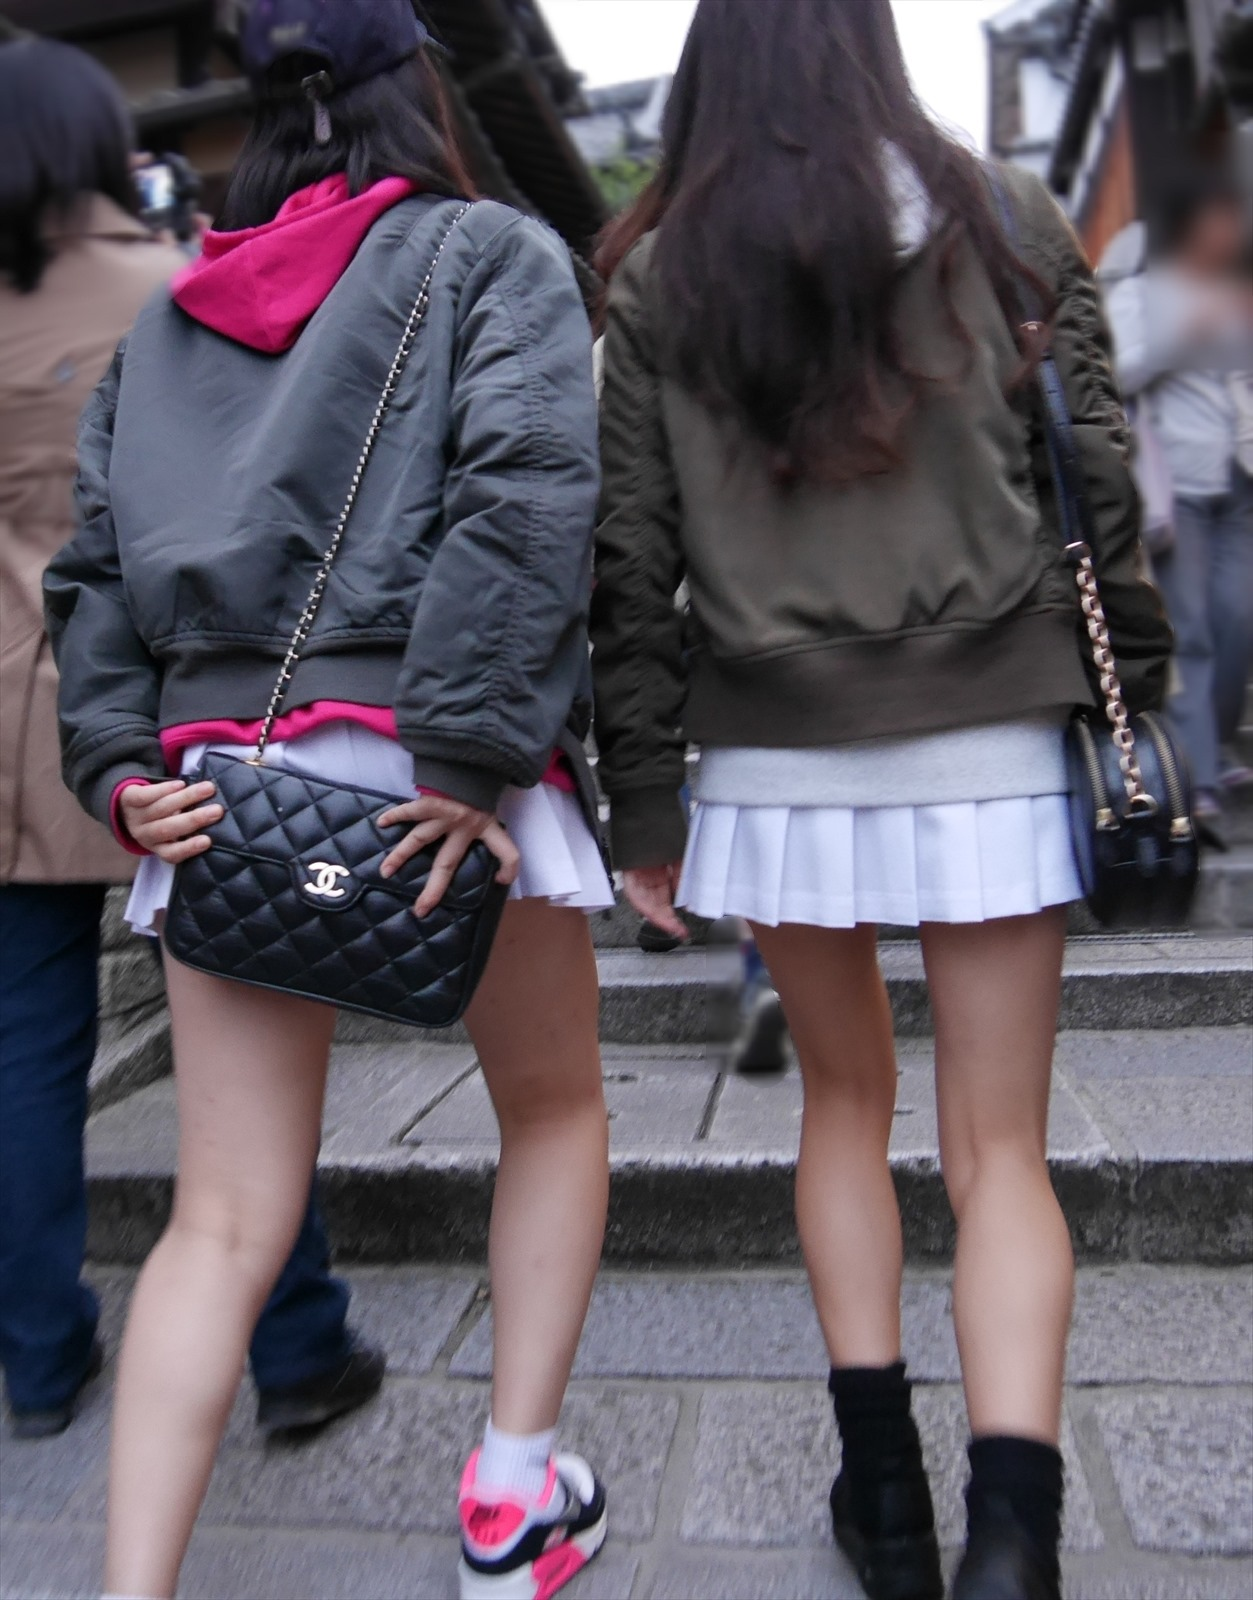 【美脚エロ画像】下着の見える気配を匂わせたミニスカ美脚を街で激写!(;^ω^)